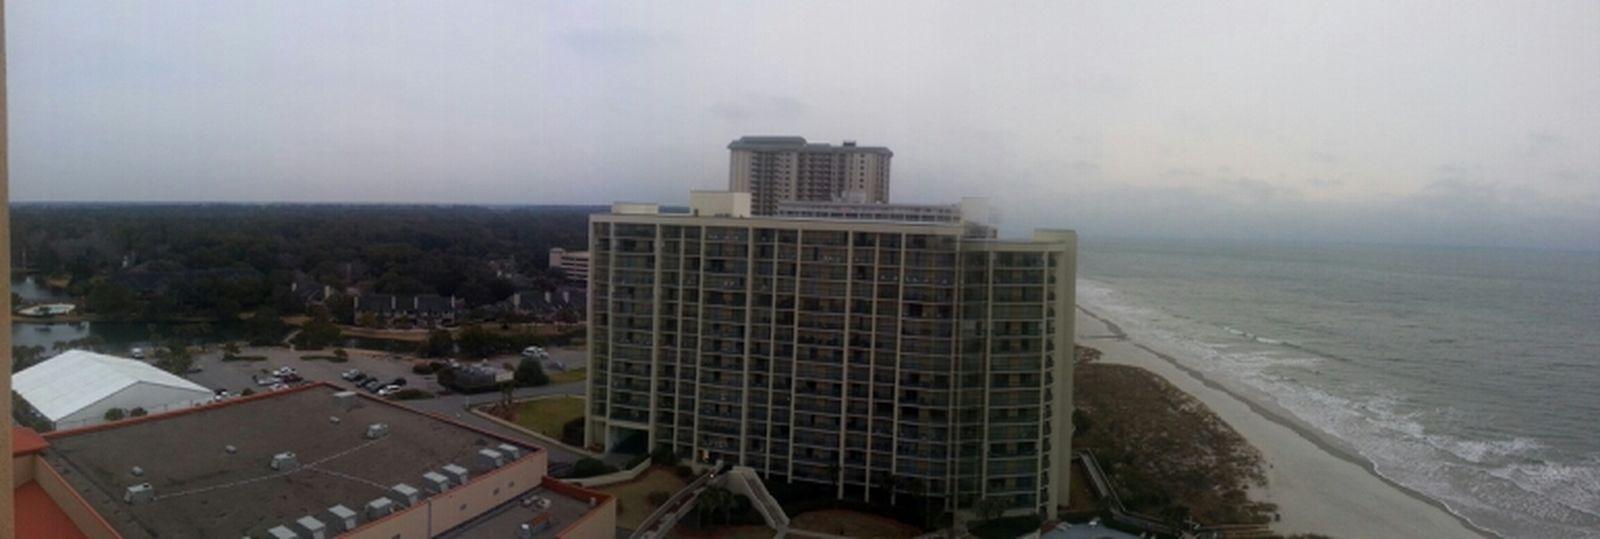 Beach Panorama Panoramic